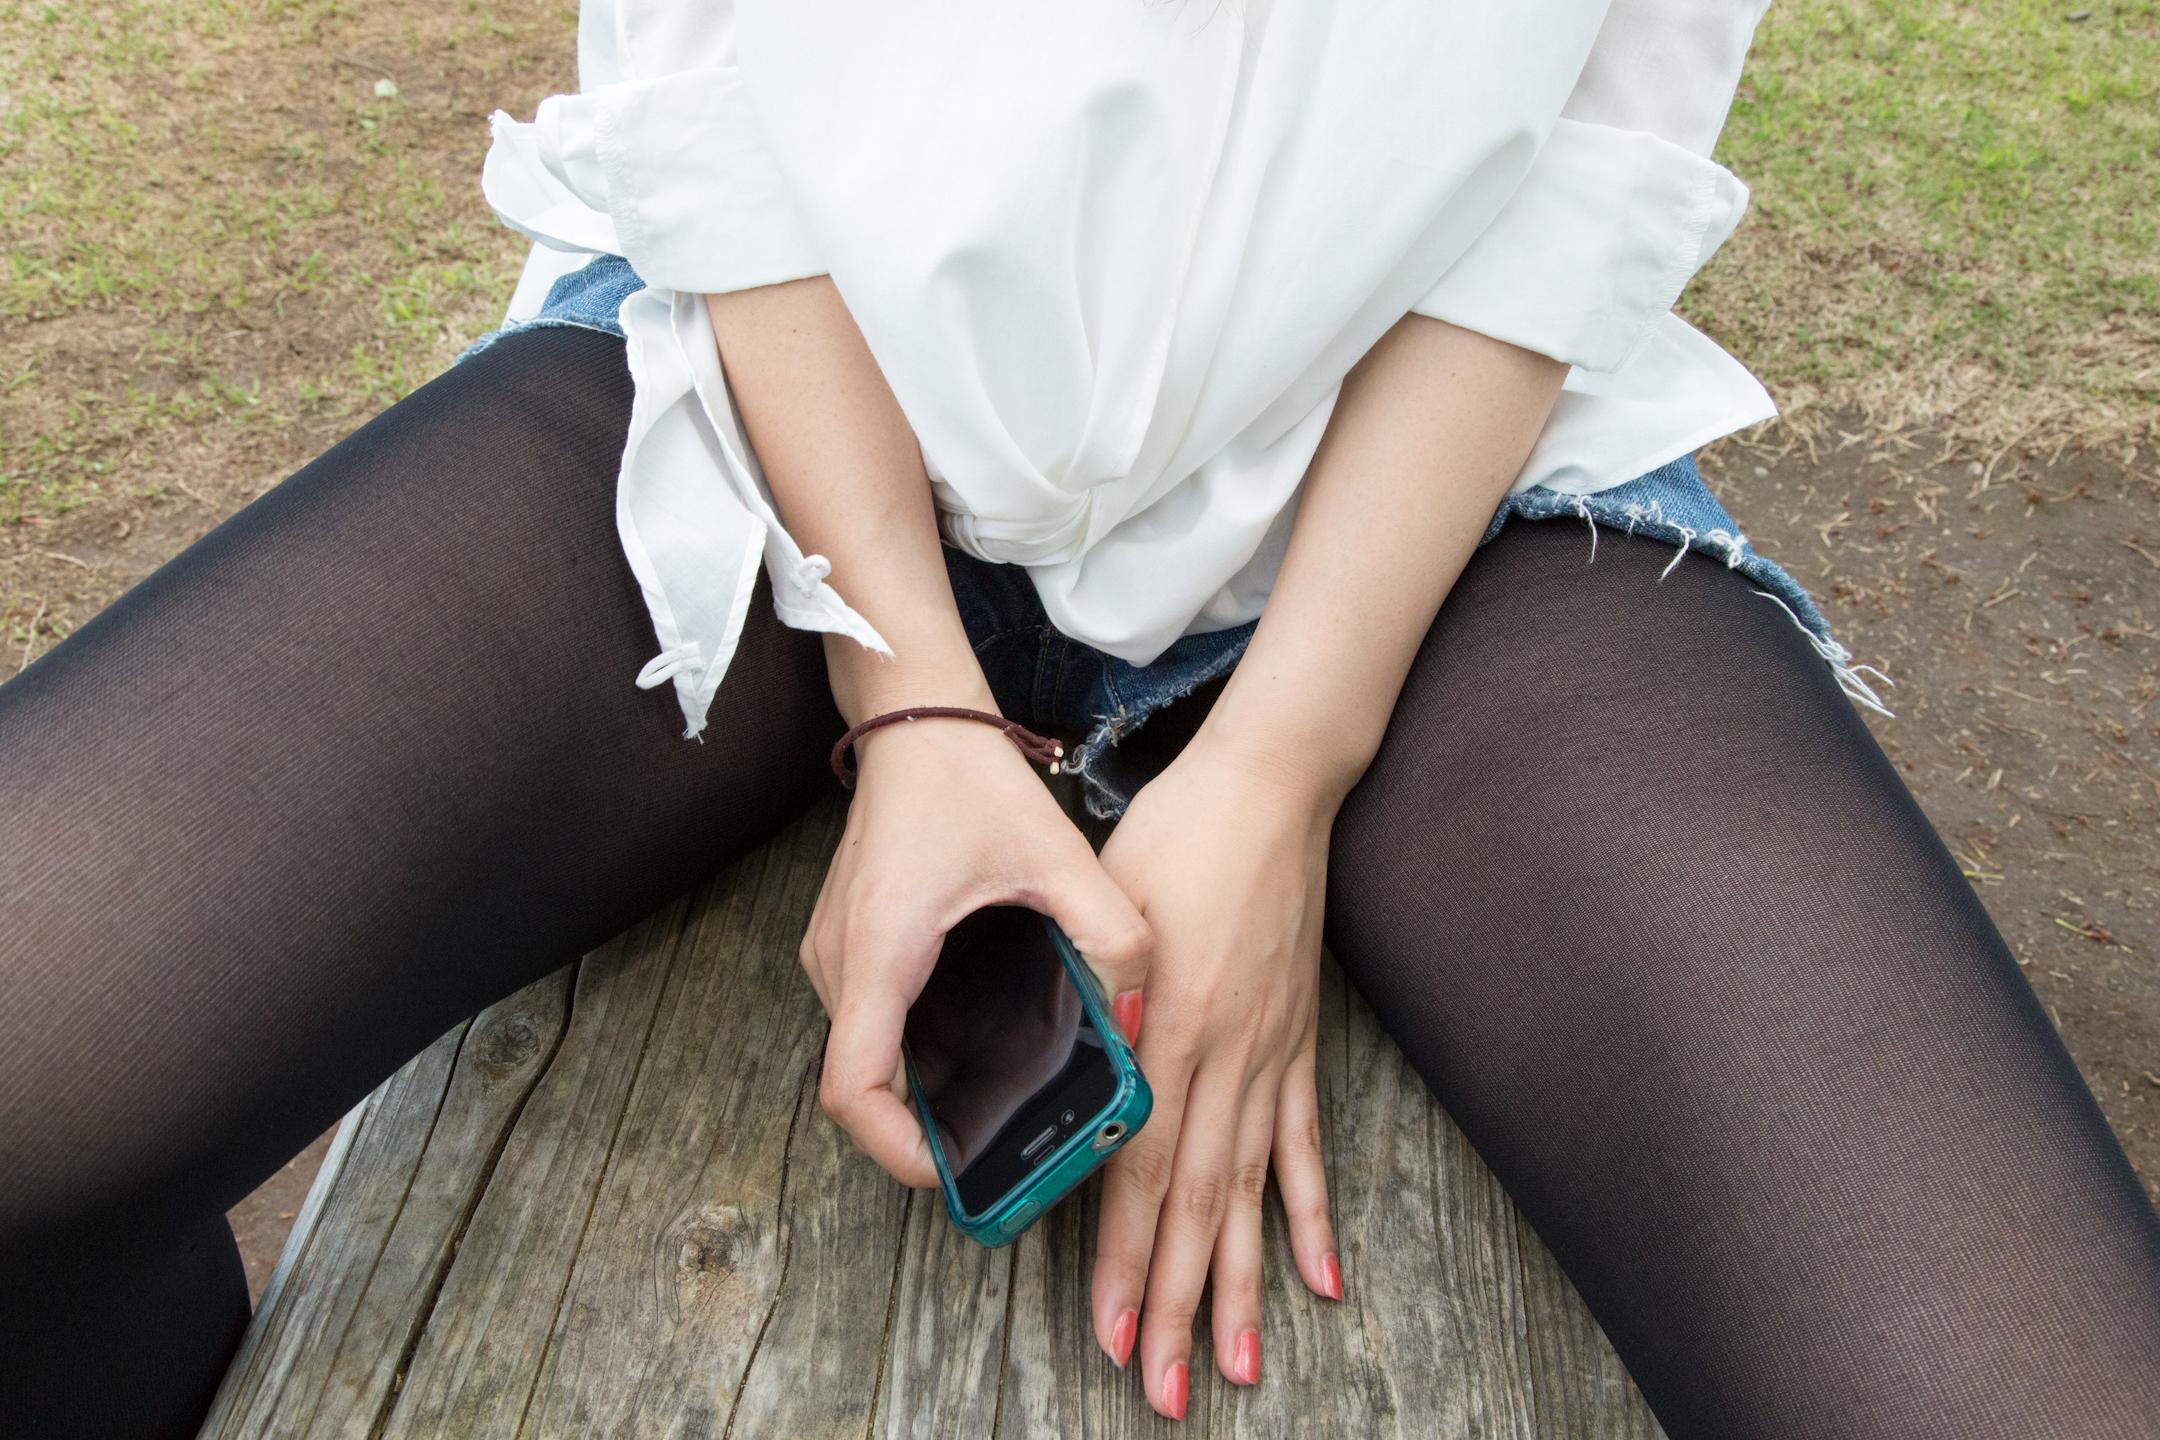 薄黒いパンストを履いた美人OL15脚目【目一杯抜いて!】->画像>1643枚